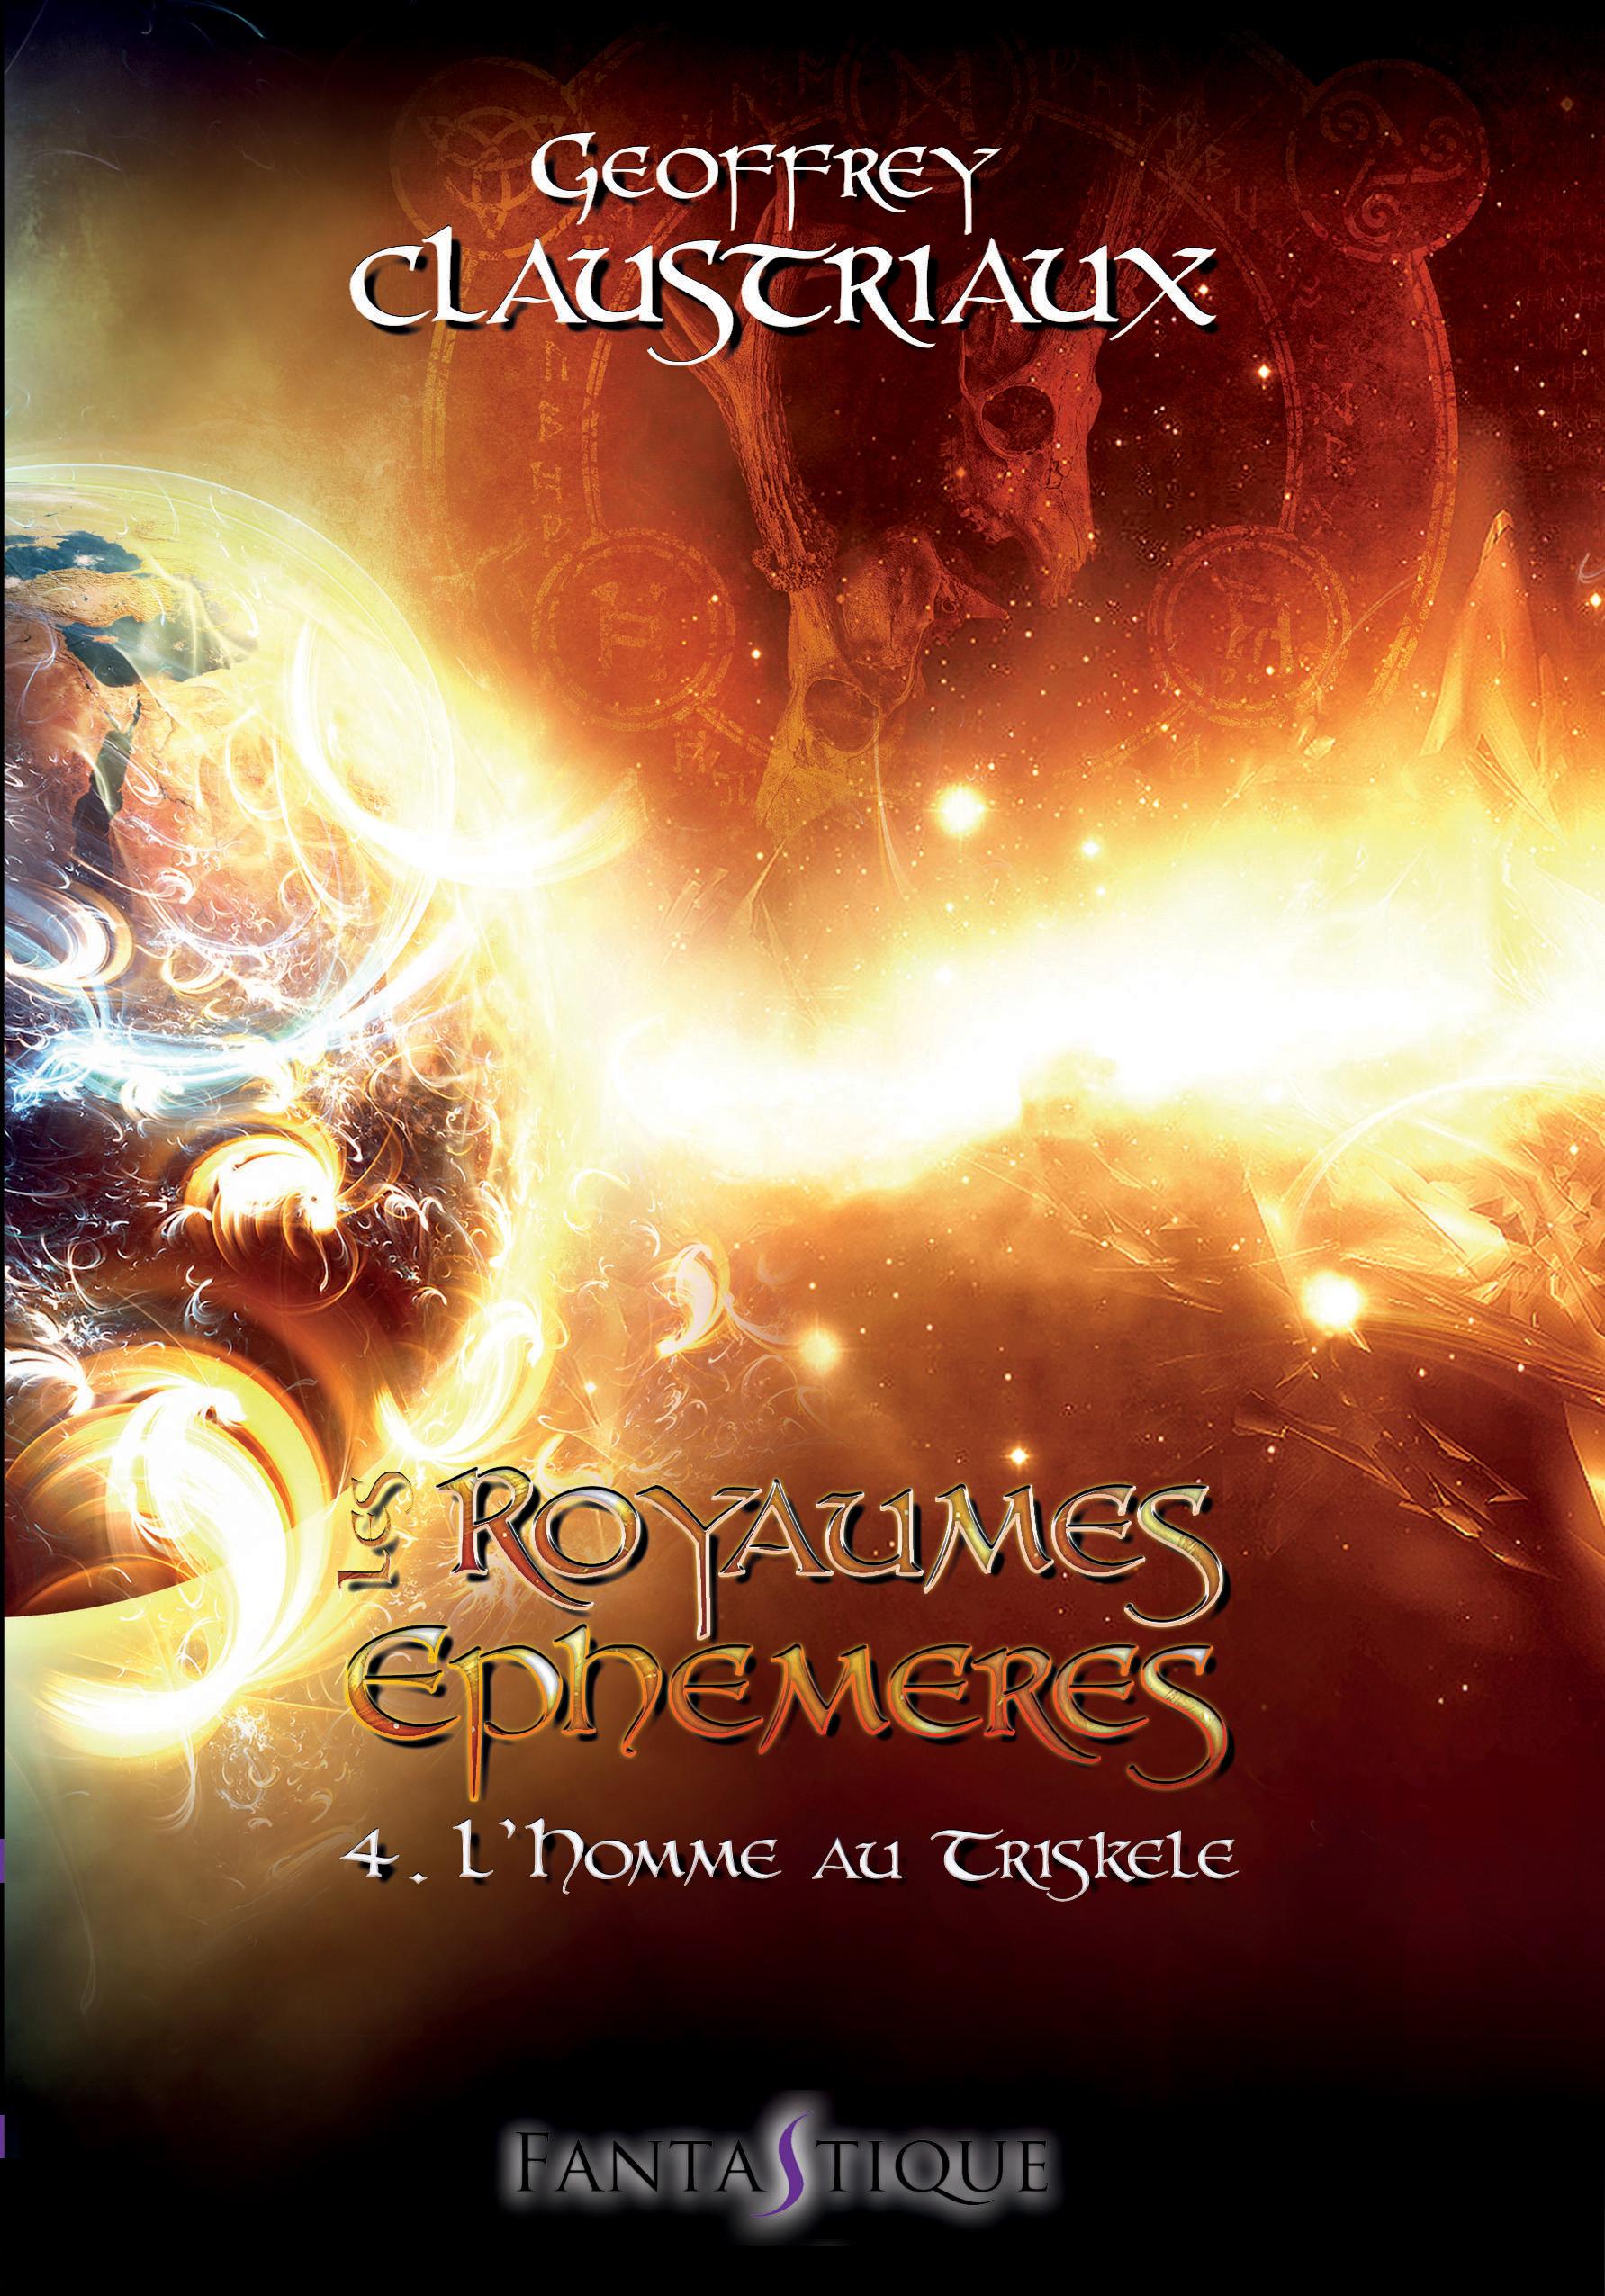 Les Royaumes Ephémères T4 L'homme au triskele